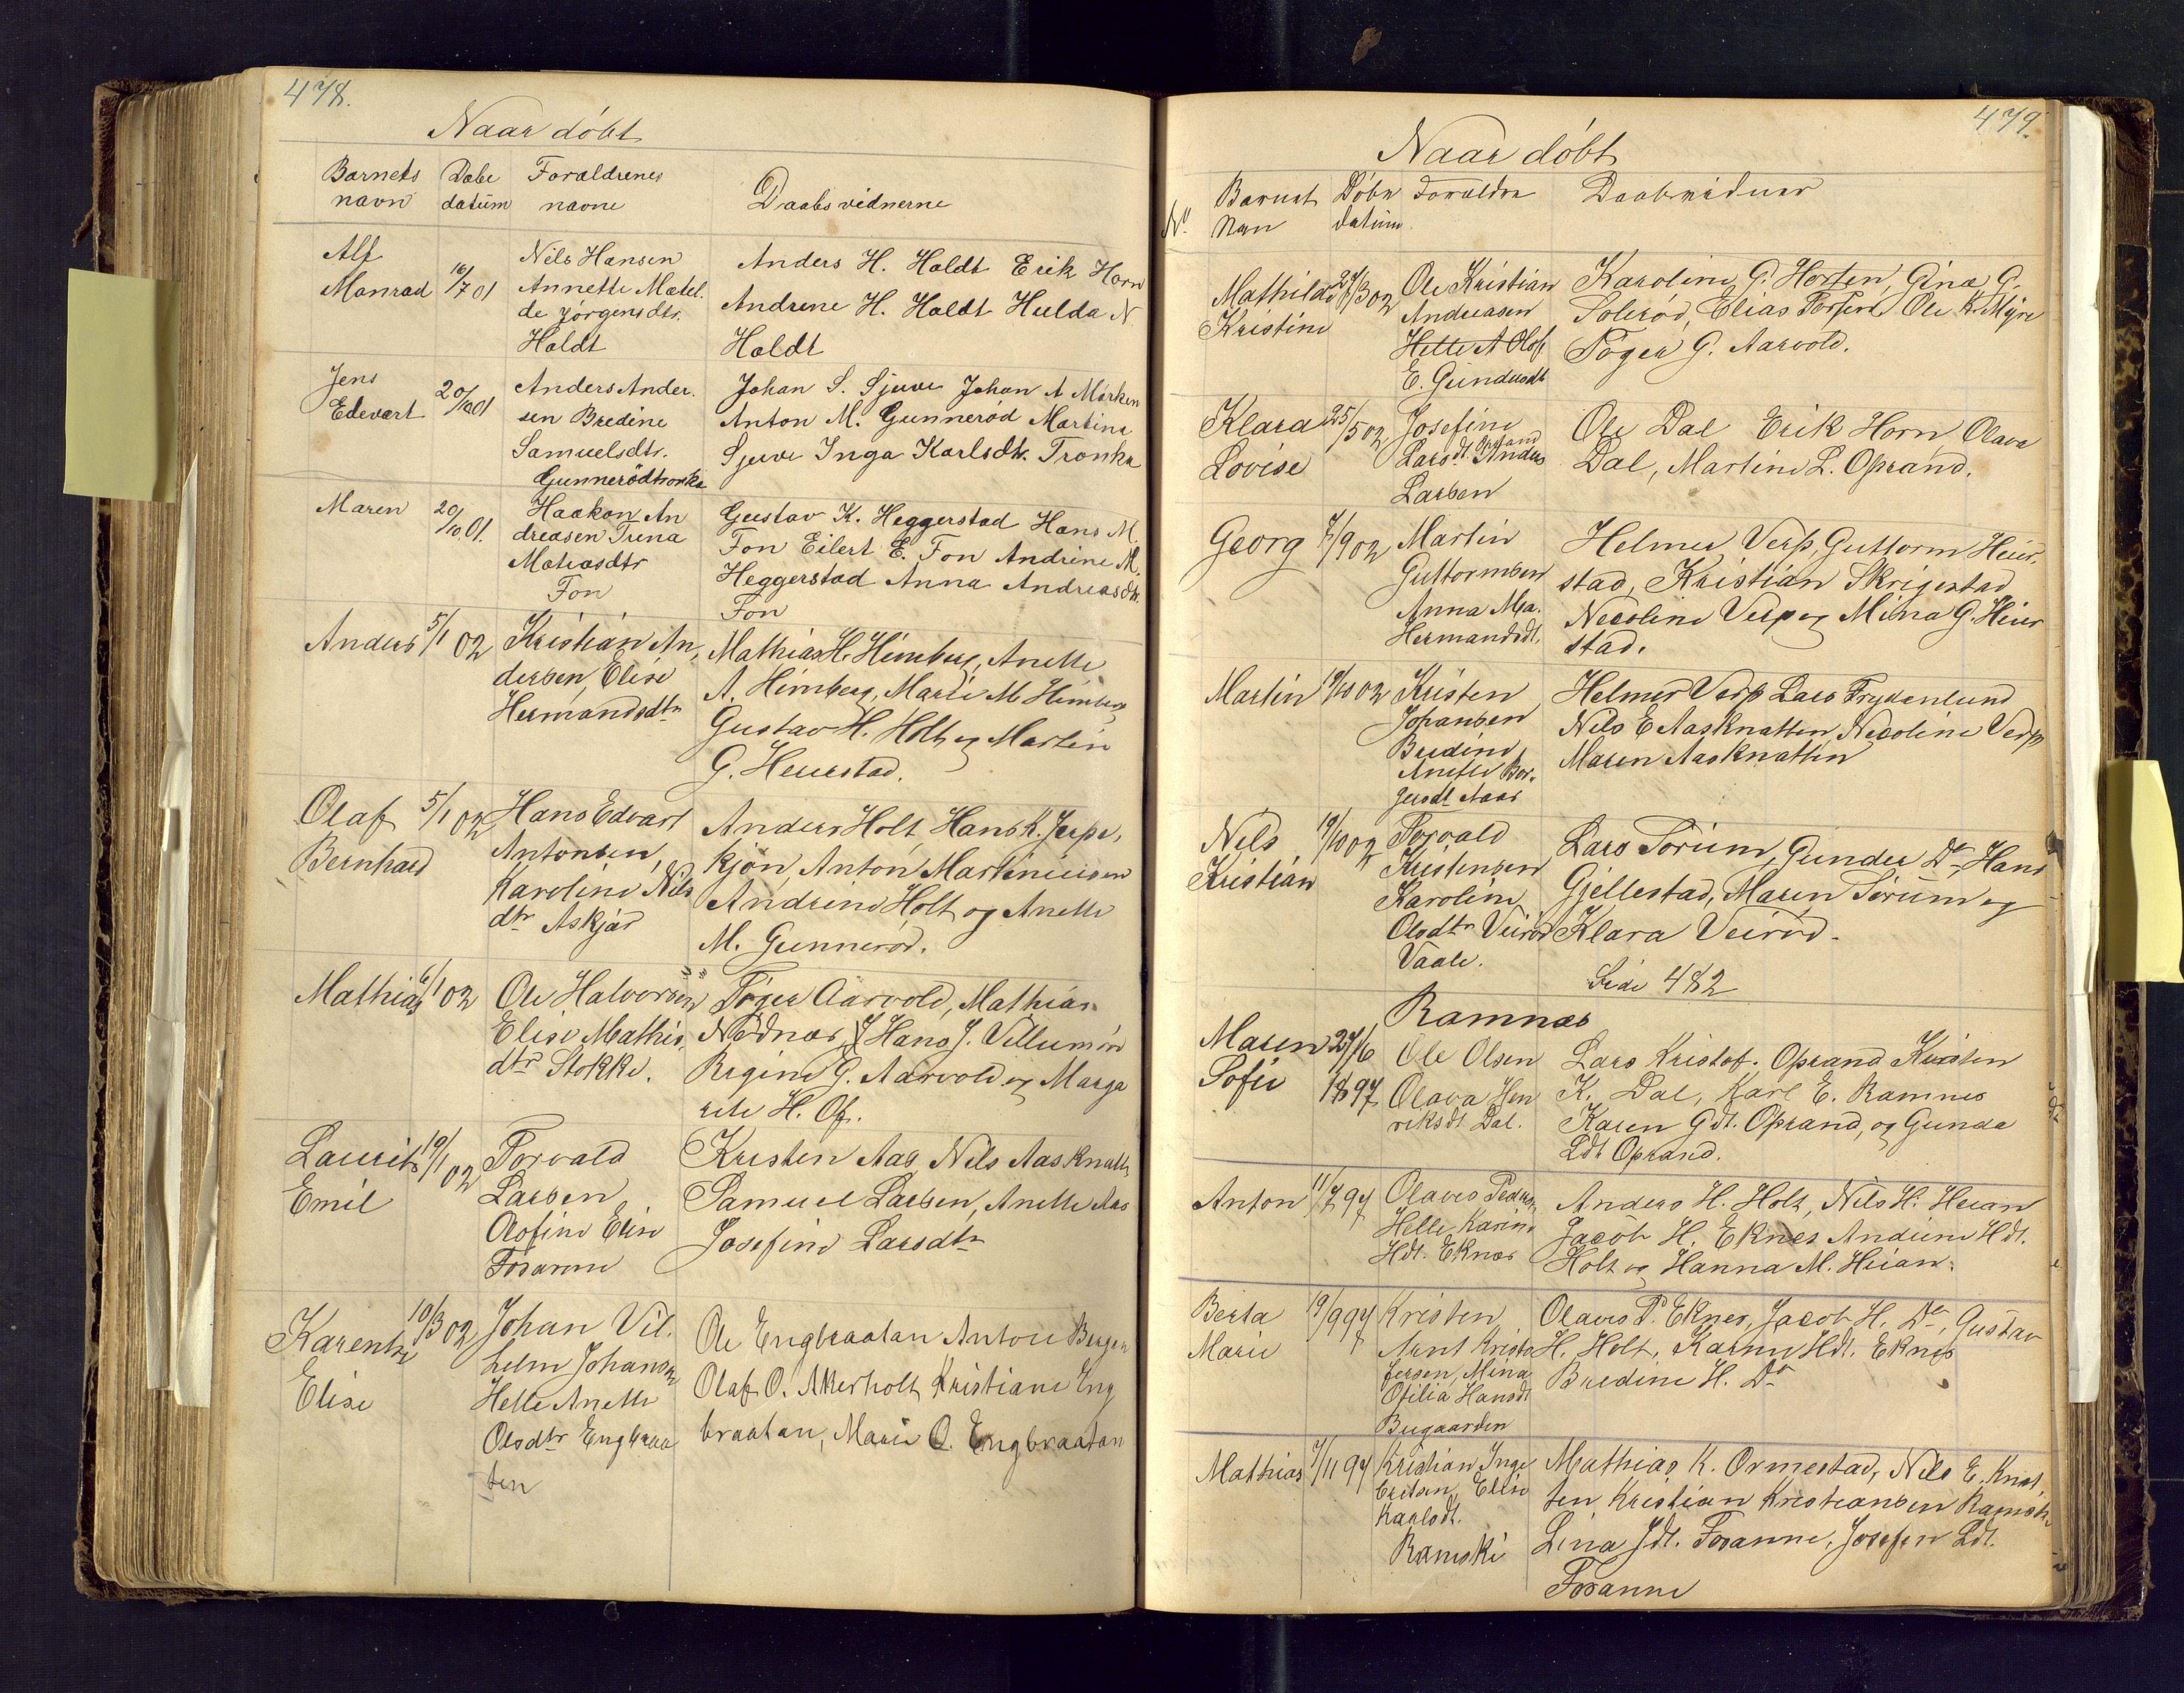 SAKO, Den evangelisk lutherske frimenighet i Jarlsbergs grevskap med flere steder, F/Fa/L0001: Dissenter register no. Fa/L0001, 1872-1925, p. 478-479